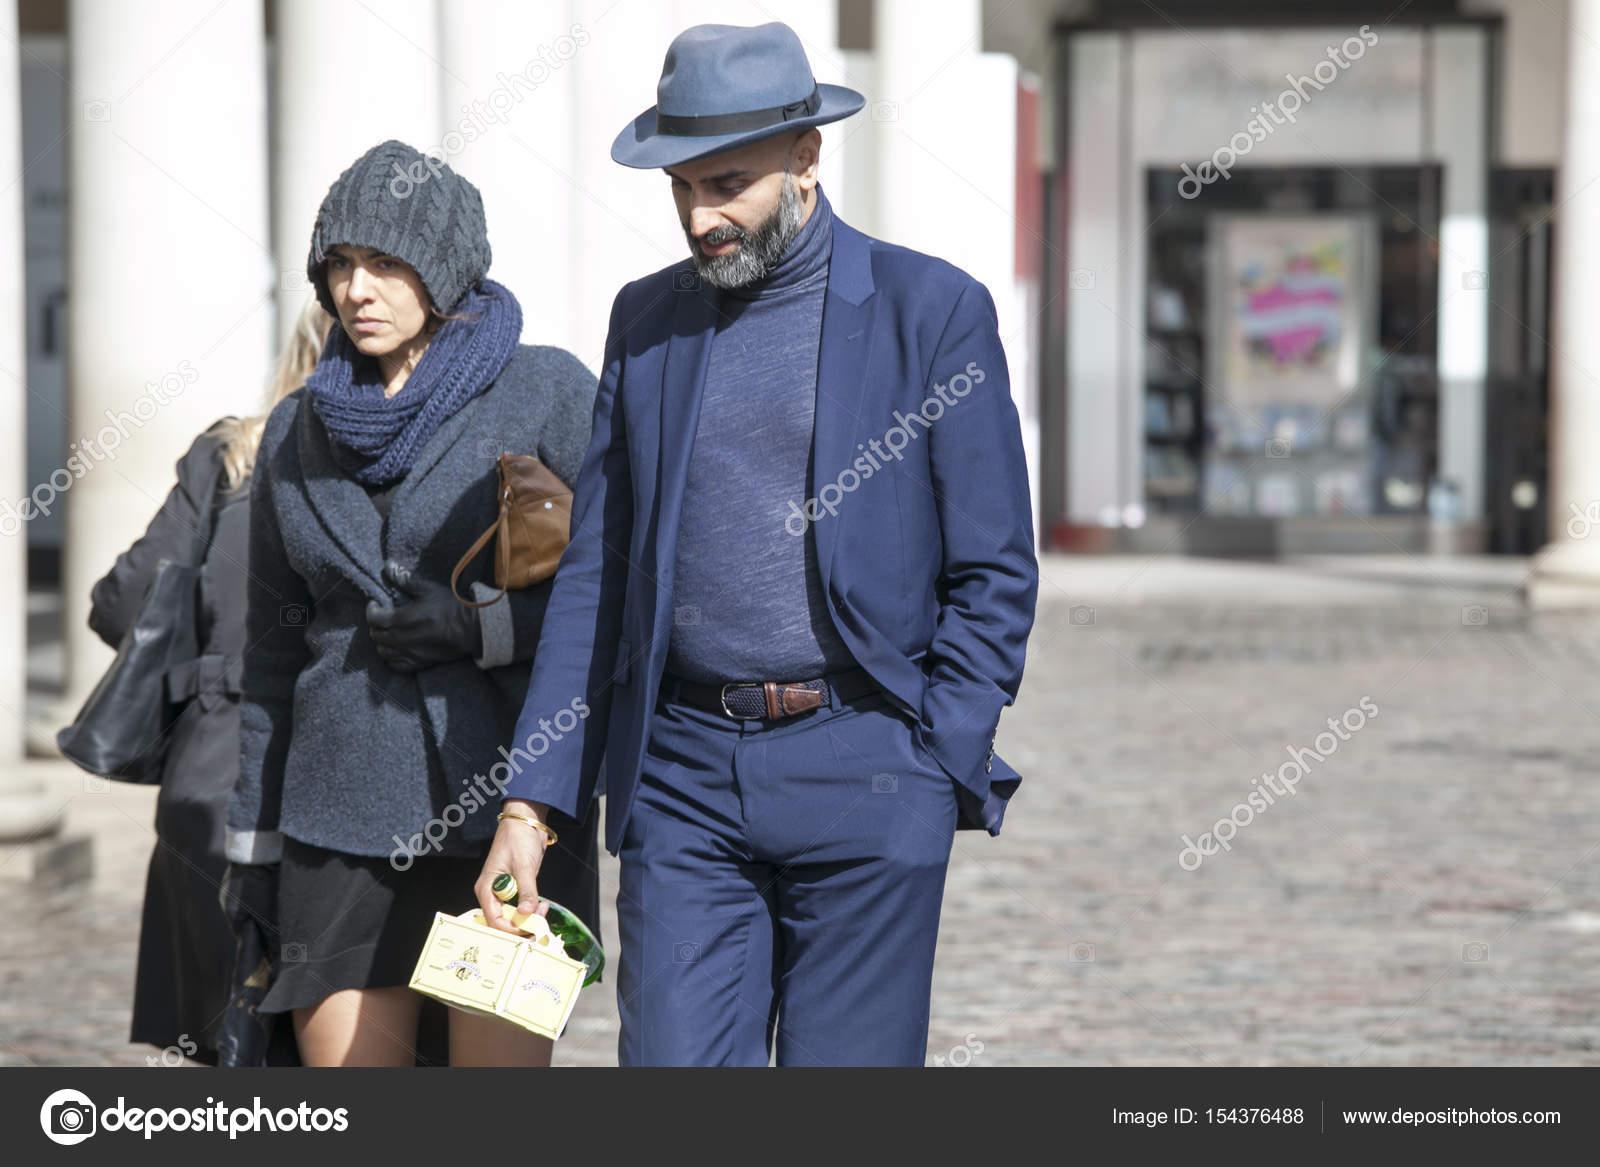 5e11057fd17ef Vestiti alla moda uomo e donna in vestiti blu e cappelli cammina per ...